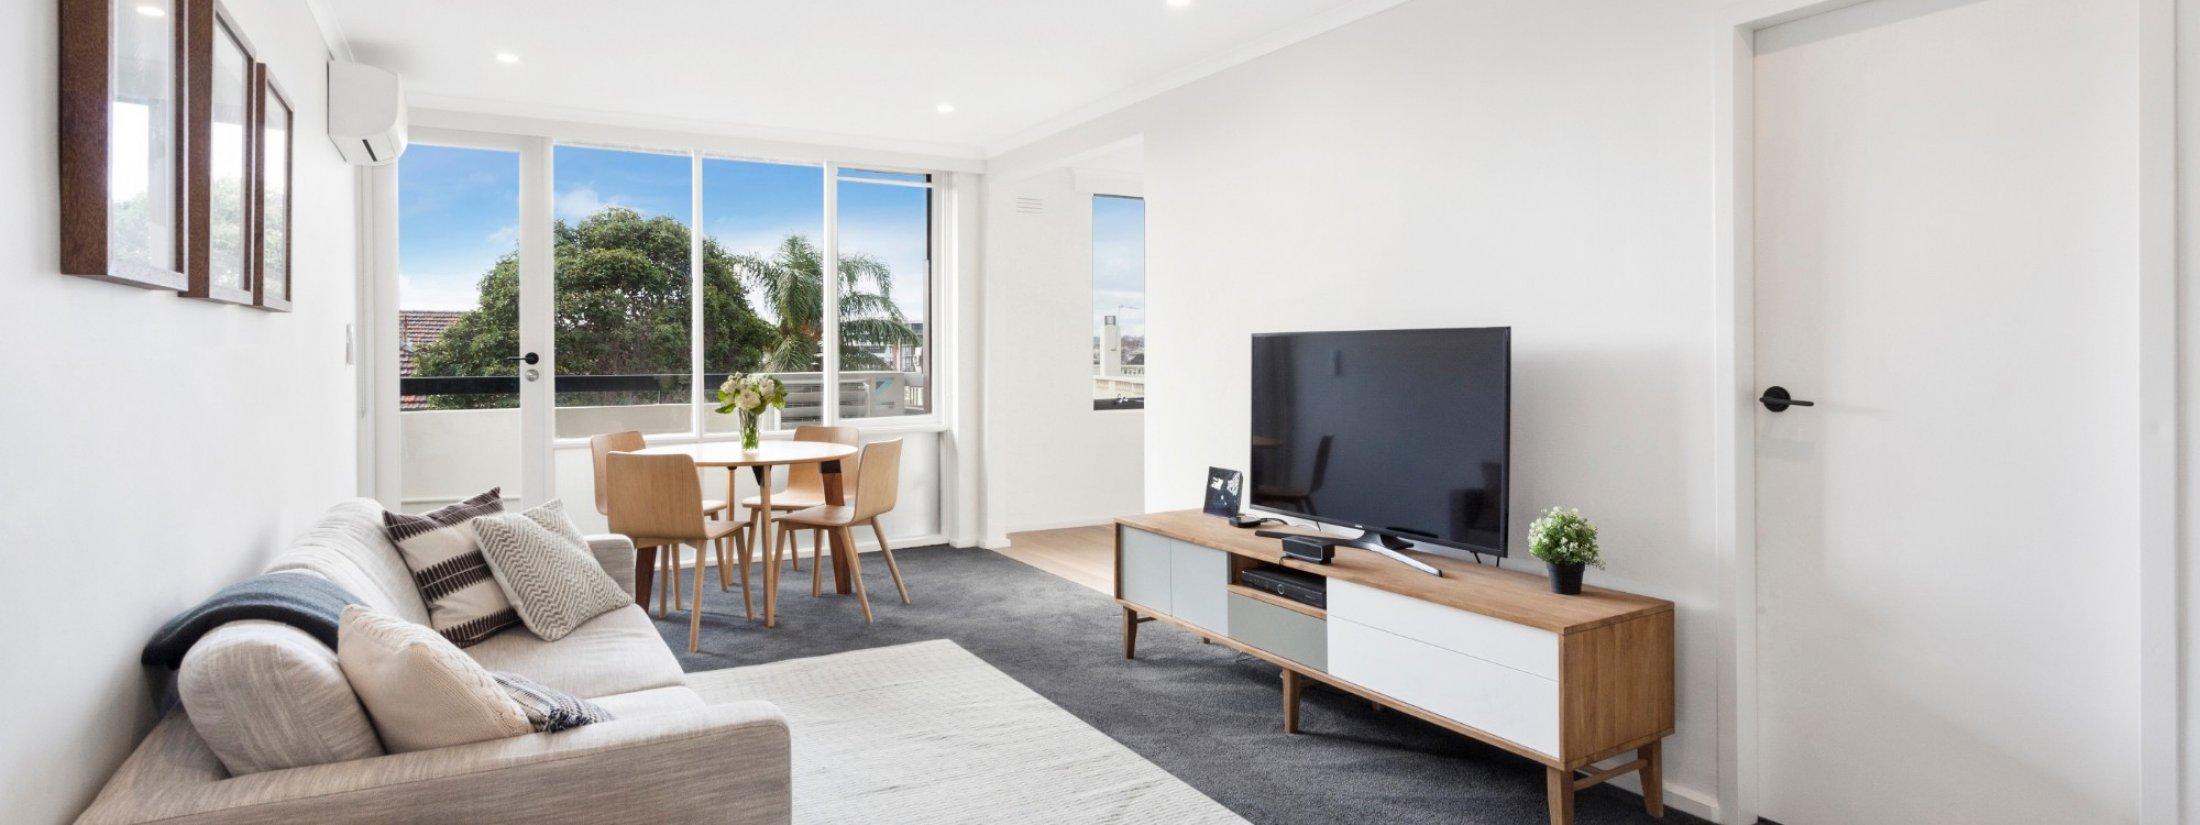 Aces Place Melbourne - Living Area